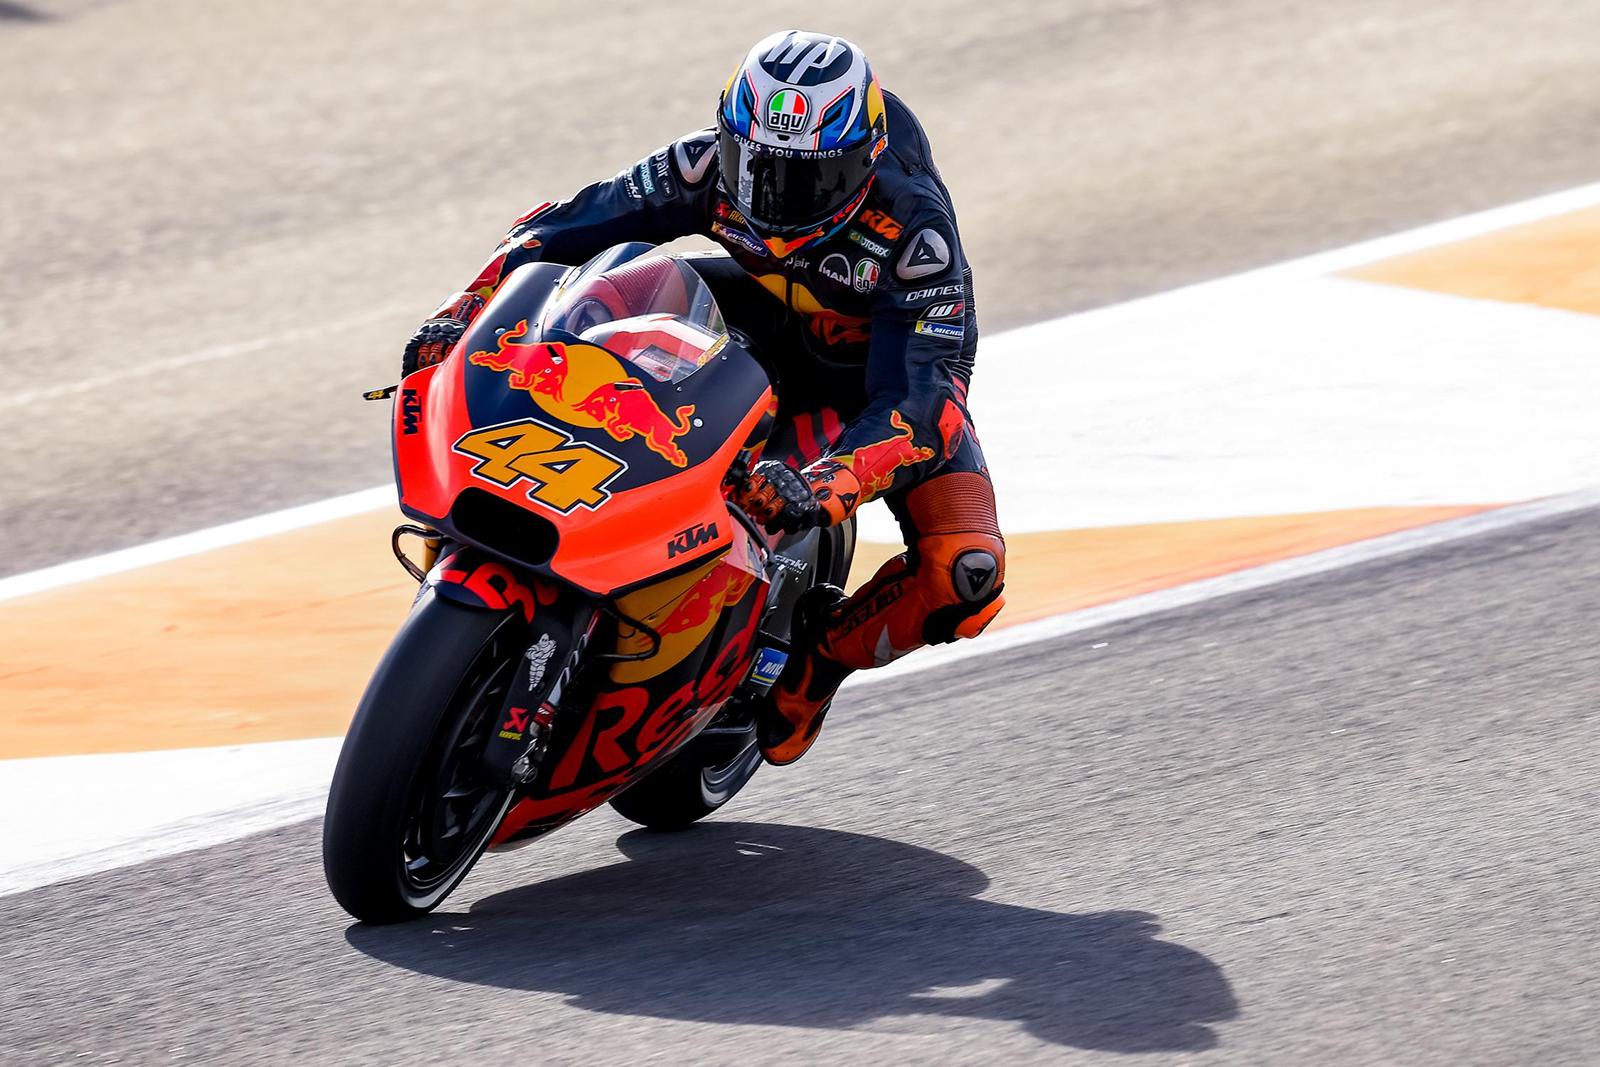 獨家訪問MotoGP車手!KTM車手Pol Espargaro米蘭現場專訪   SUPERMOTO8